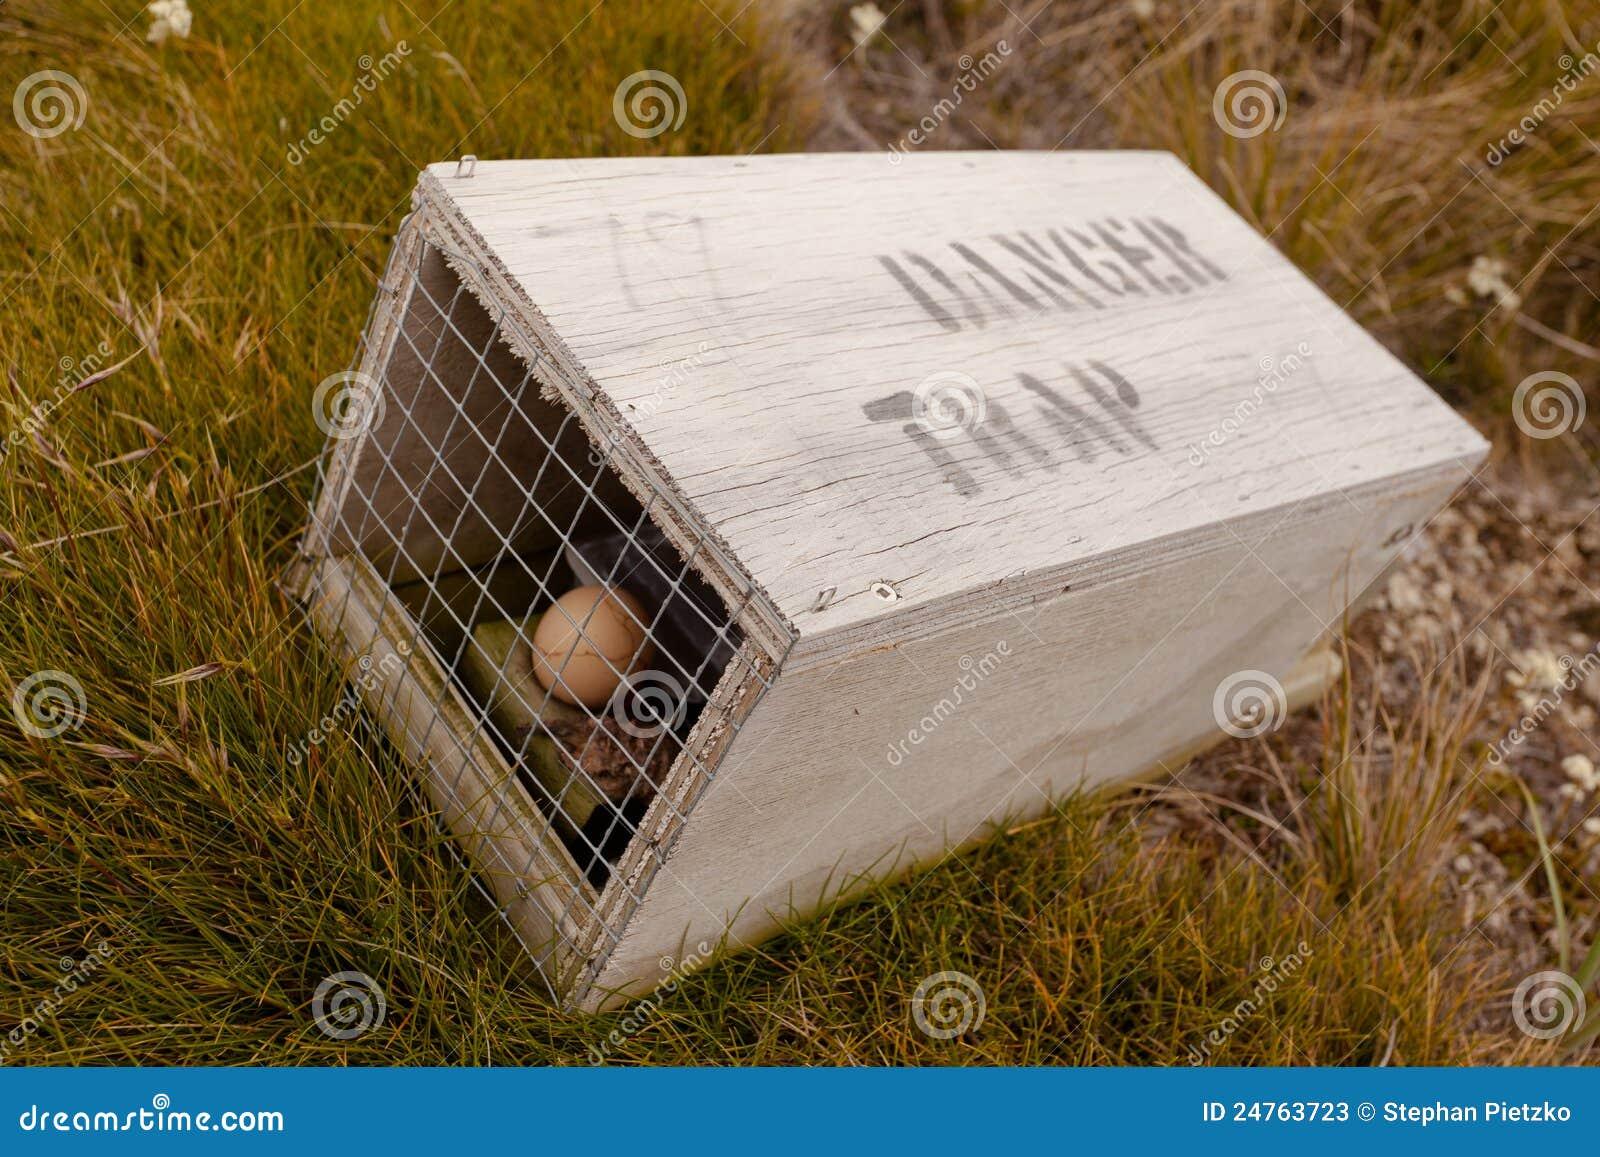 Pequeño desvío animal con la alerta escrita para los seres humanos